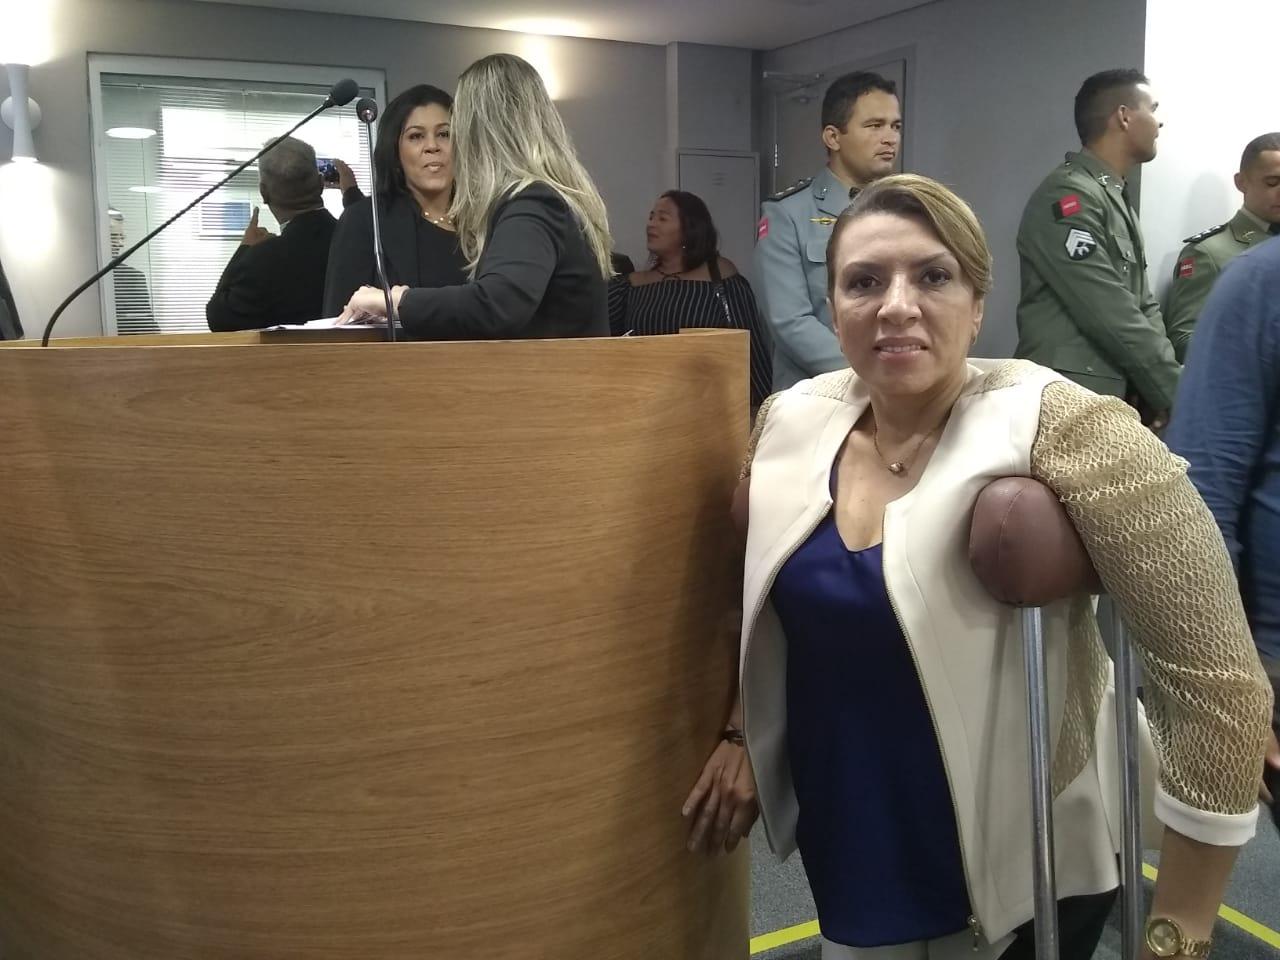 WhatsApp Image 2019 02 01 at 10.50.16 AM - 'Casa onde as leis de acessibilidade foram feitas não é acessível': Cida Ramos critica plenário e diz que serão necessárias reformas para permitir acesso - OUÇA